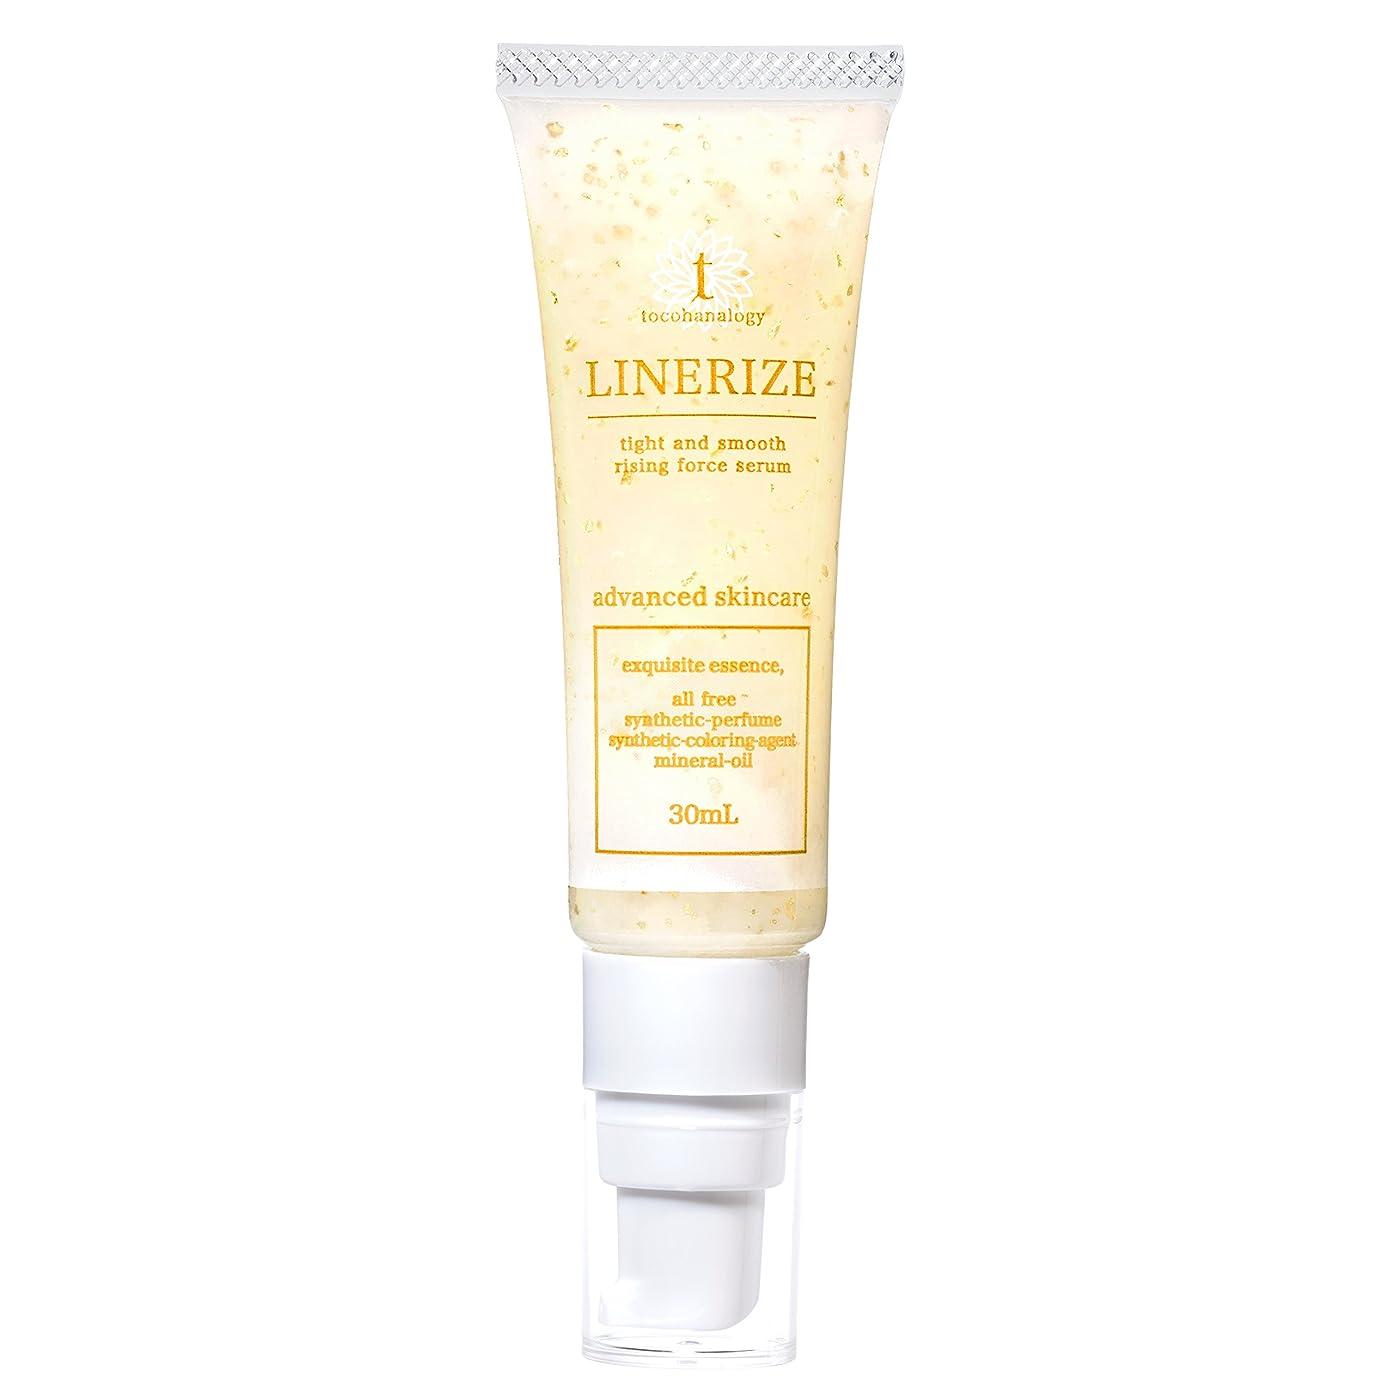 メリーくびれた価値トコハナロジー リナライズ 黄金ジェル美容液 顔のむくみ たるみ ほうれい線 毛穴 対策